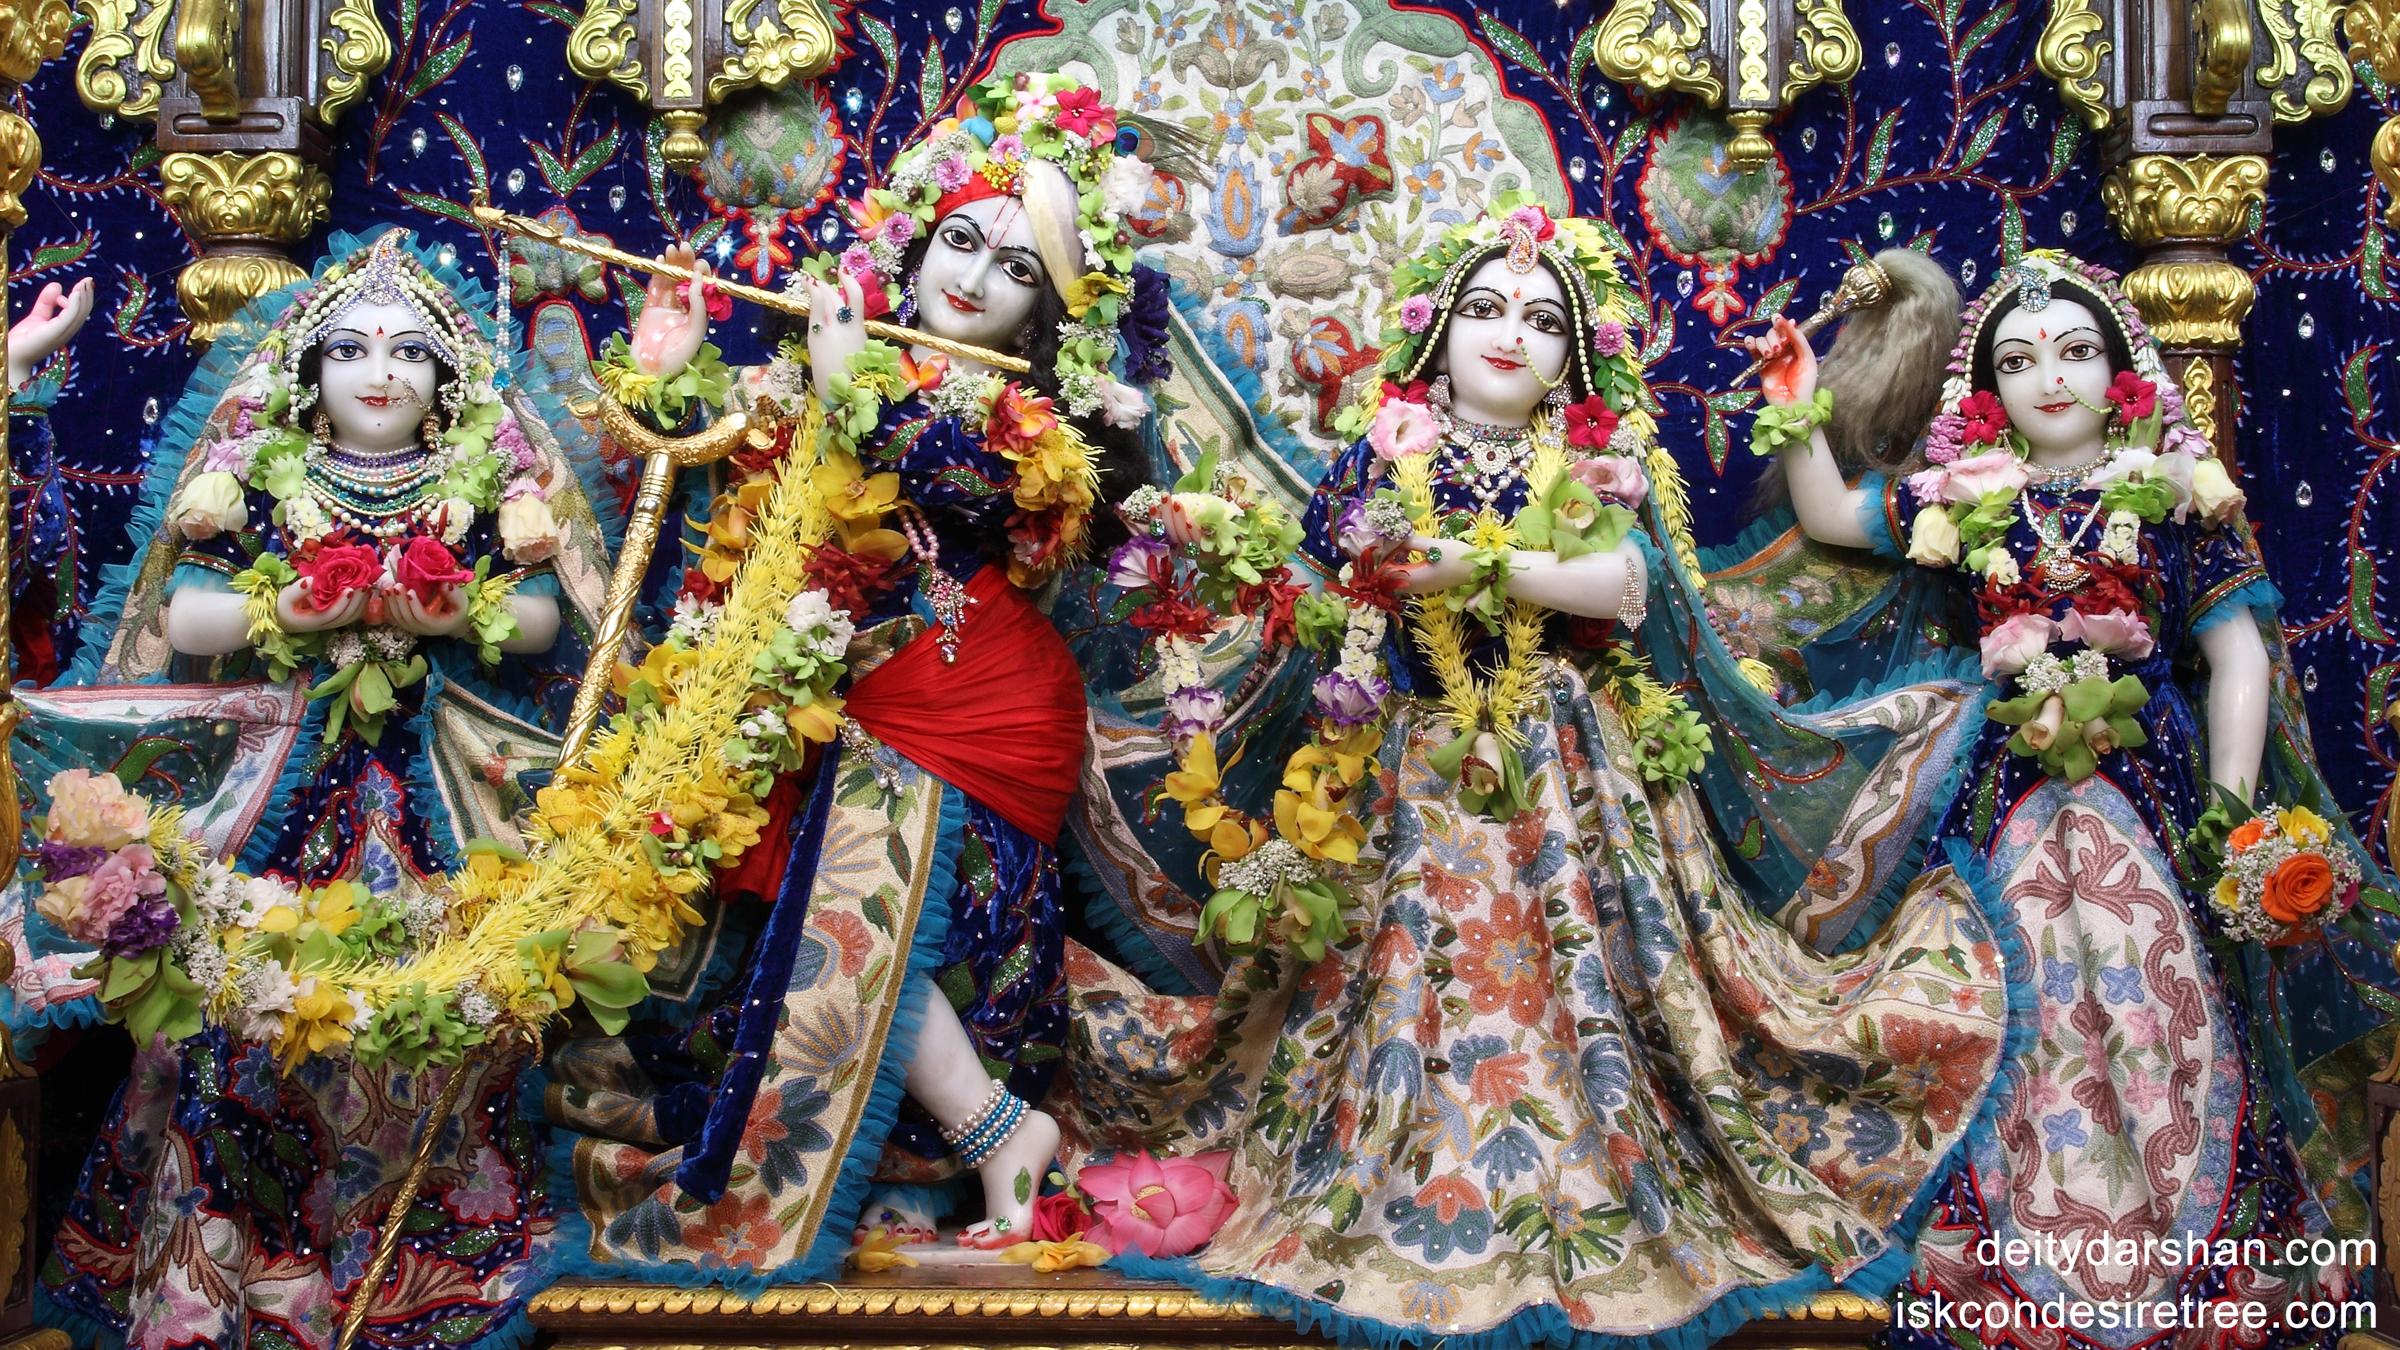 Sri Sri Radha Gopinath Lalita Vishakha Wallpaper (018) Size 2400x1350 Download